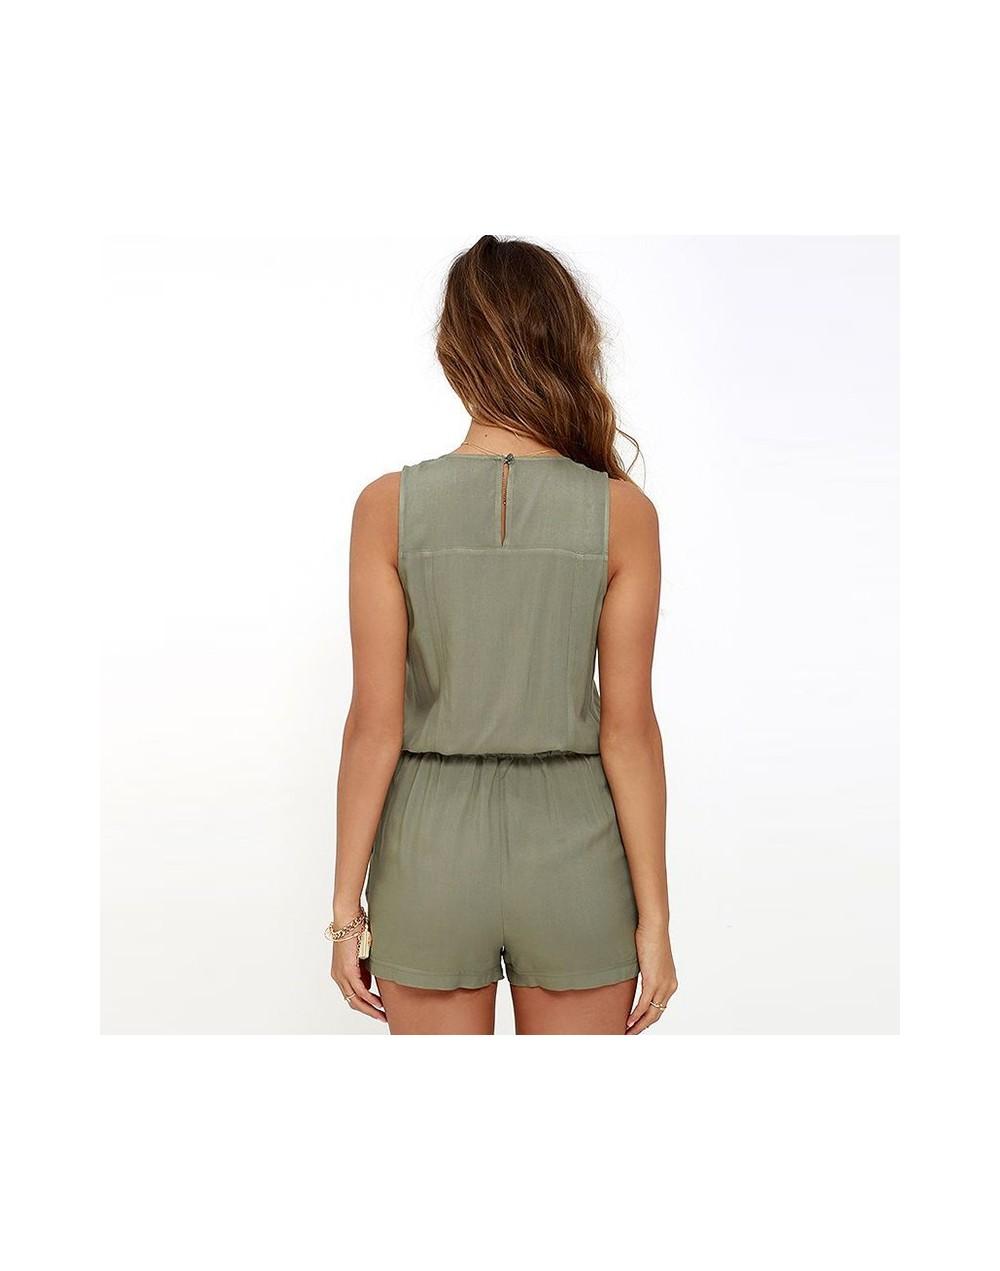 Sexy Women Sleeveless V-neck Jumpsuit Zipper Pockets Playsuit Shorts Summer Beach Overalls -OPK - 4000084759074